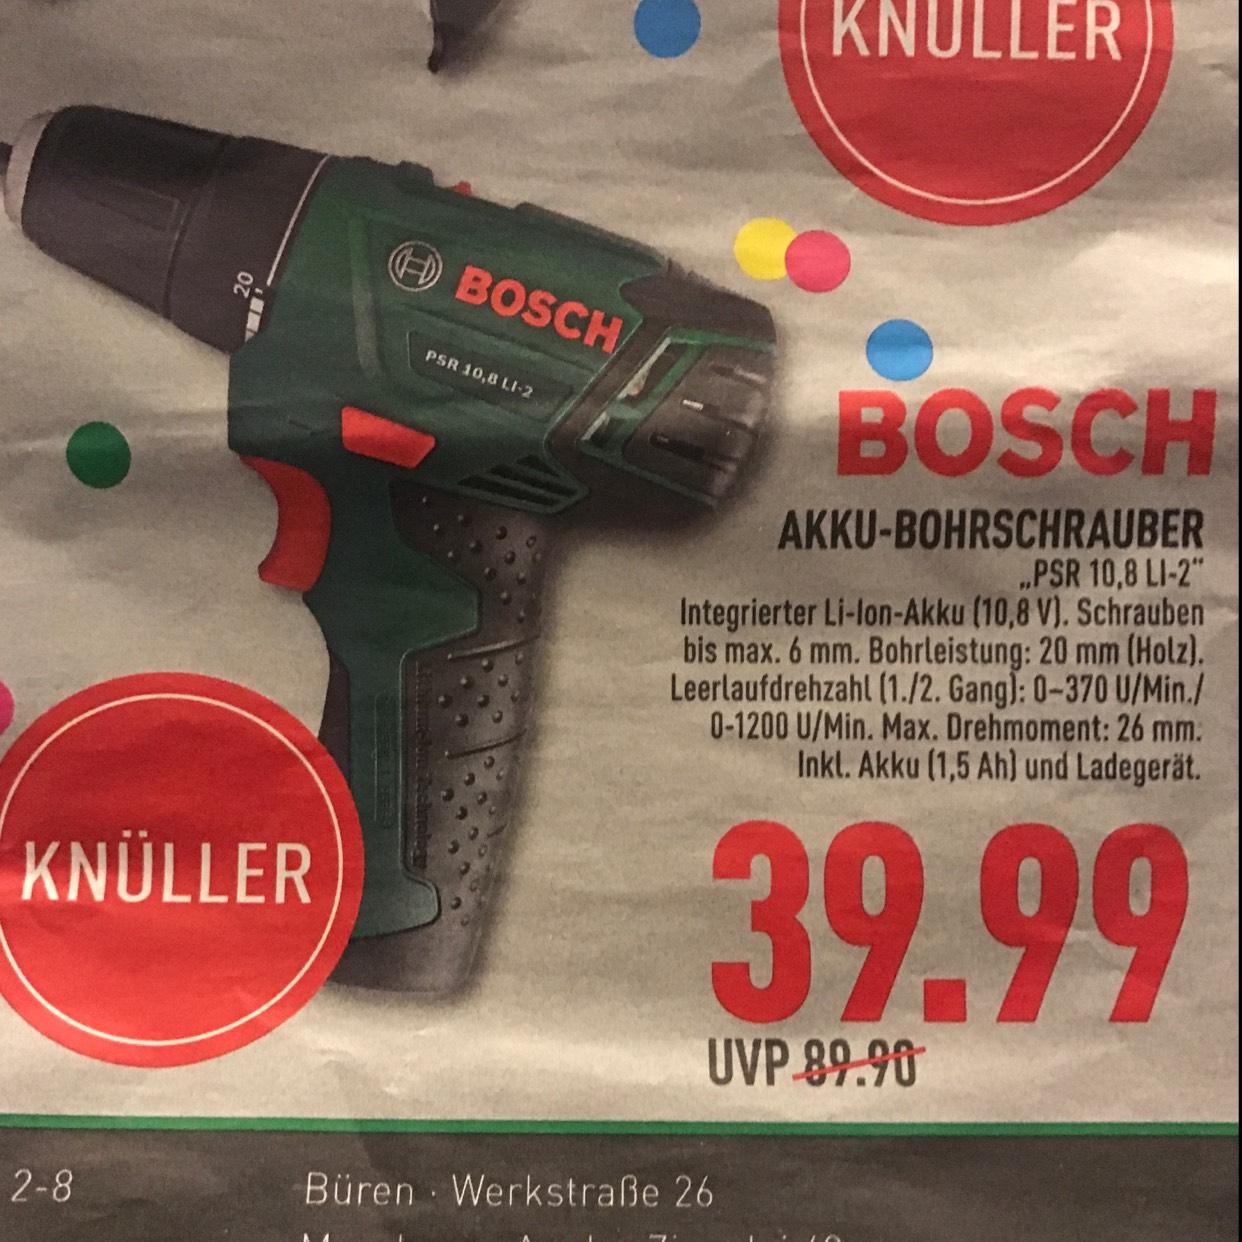 Bosch Akku Bohrschrauber incl. Akku und Ladegerät